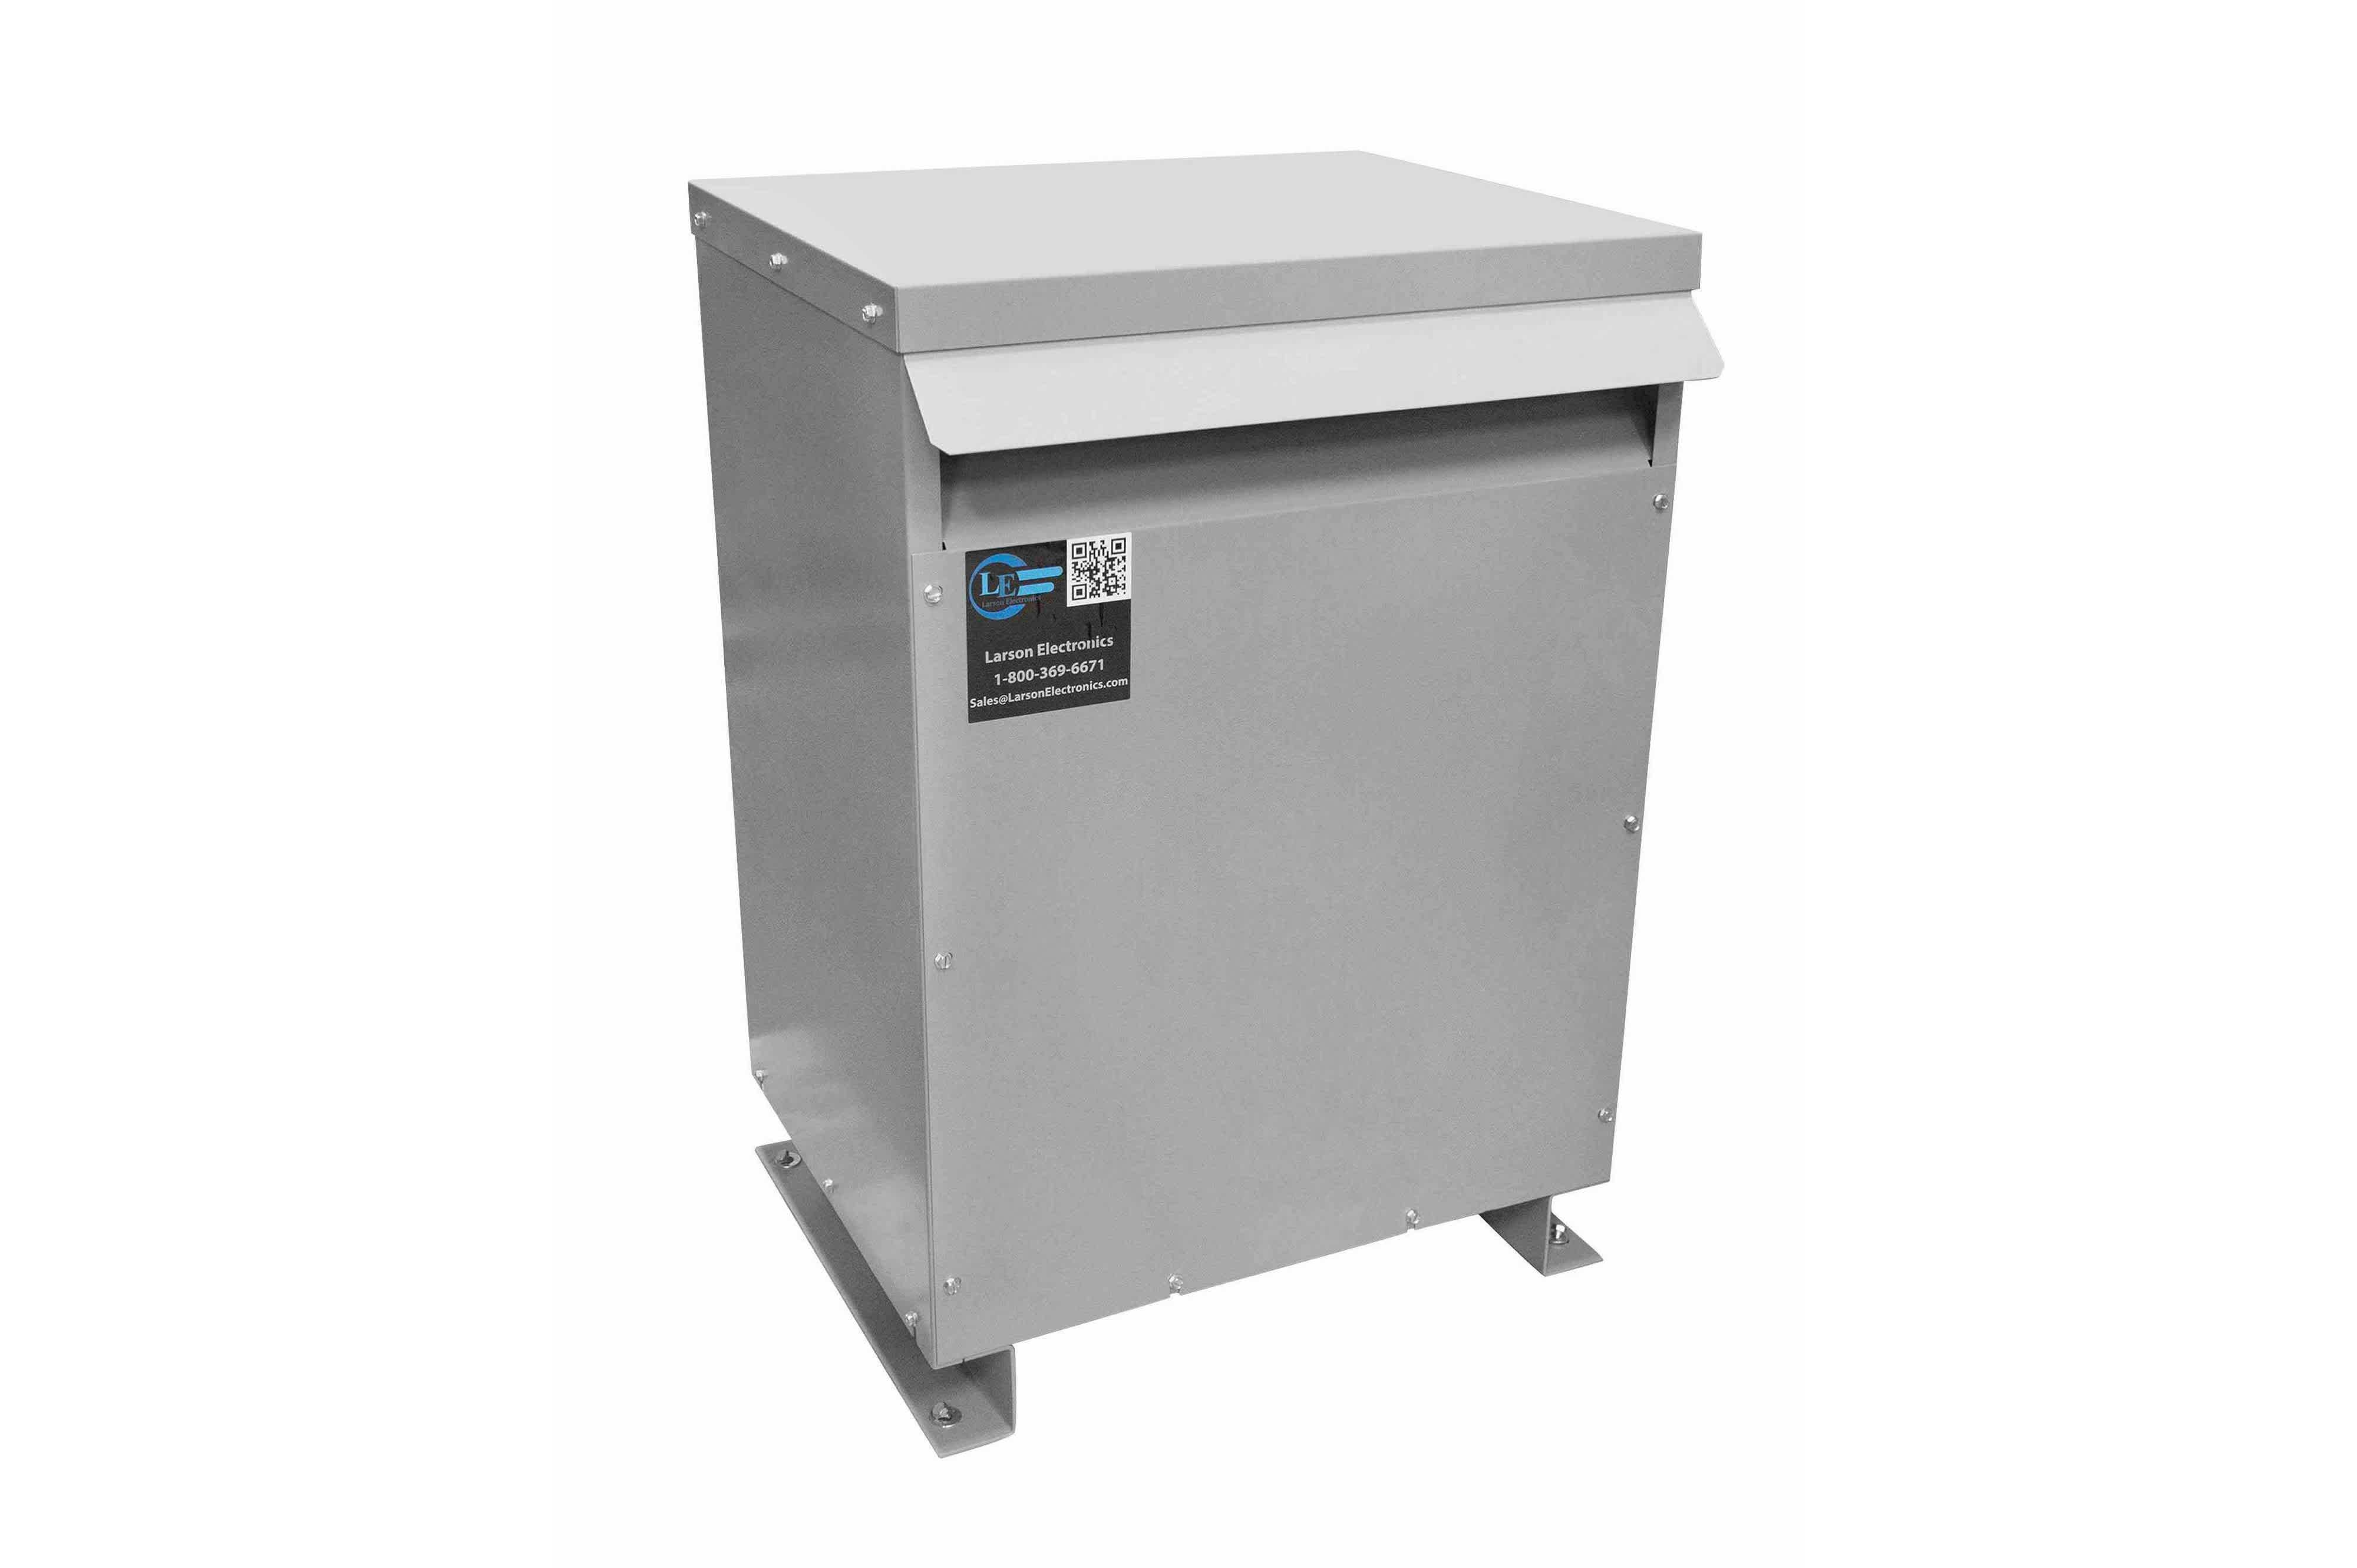 100 kVA 3PH Isolation Transformer, 600V Delta Primary, 415V Delta Secondary, N3R, Ventilated, 60 Hz